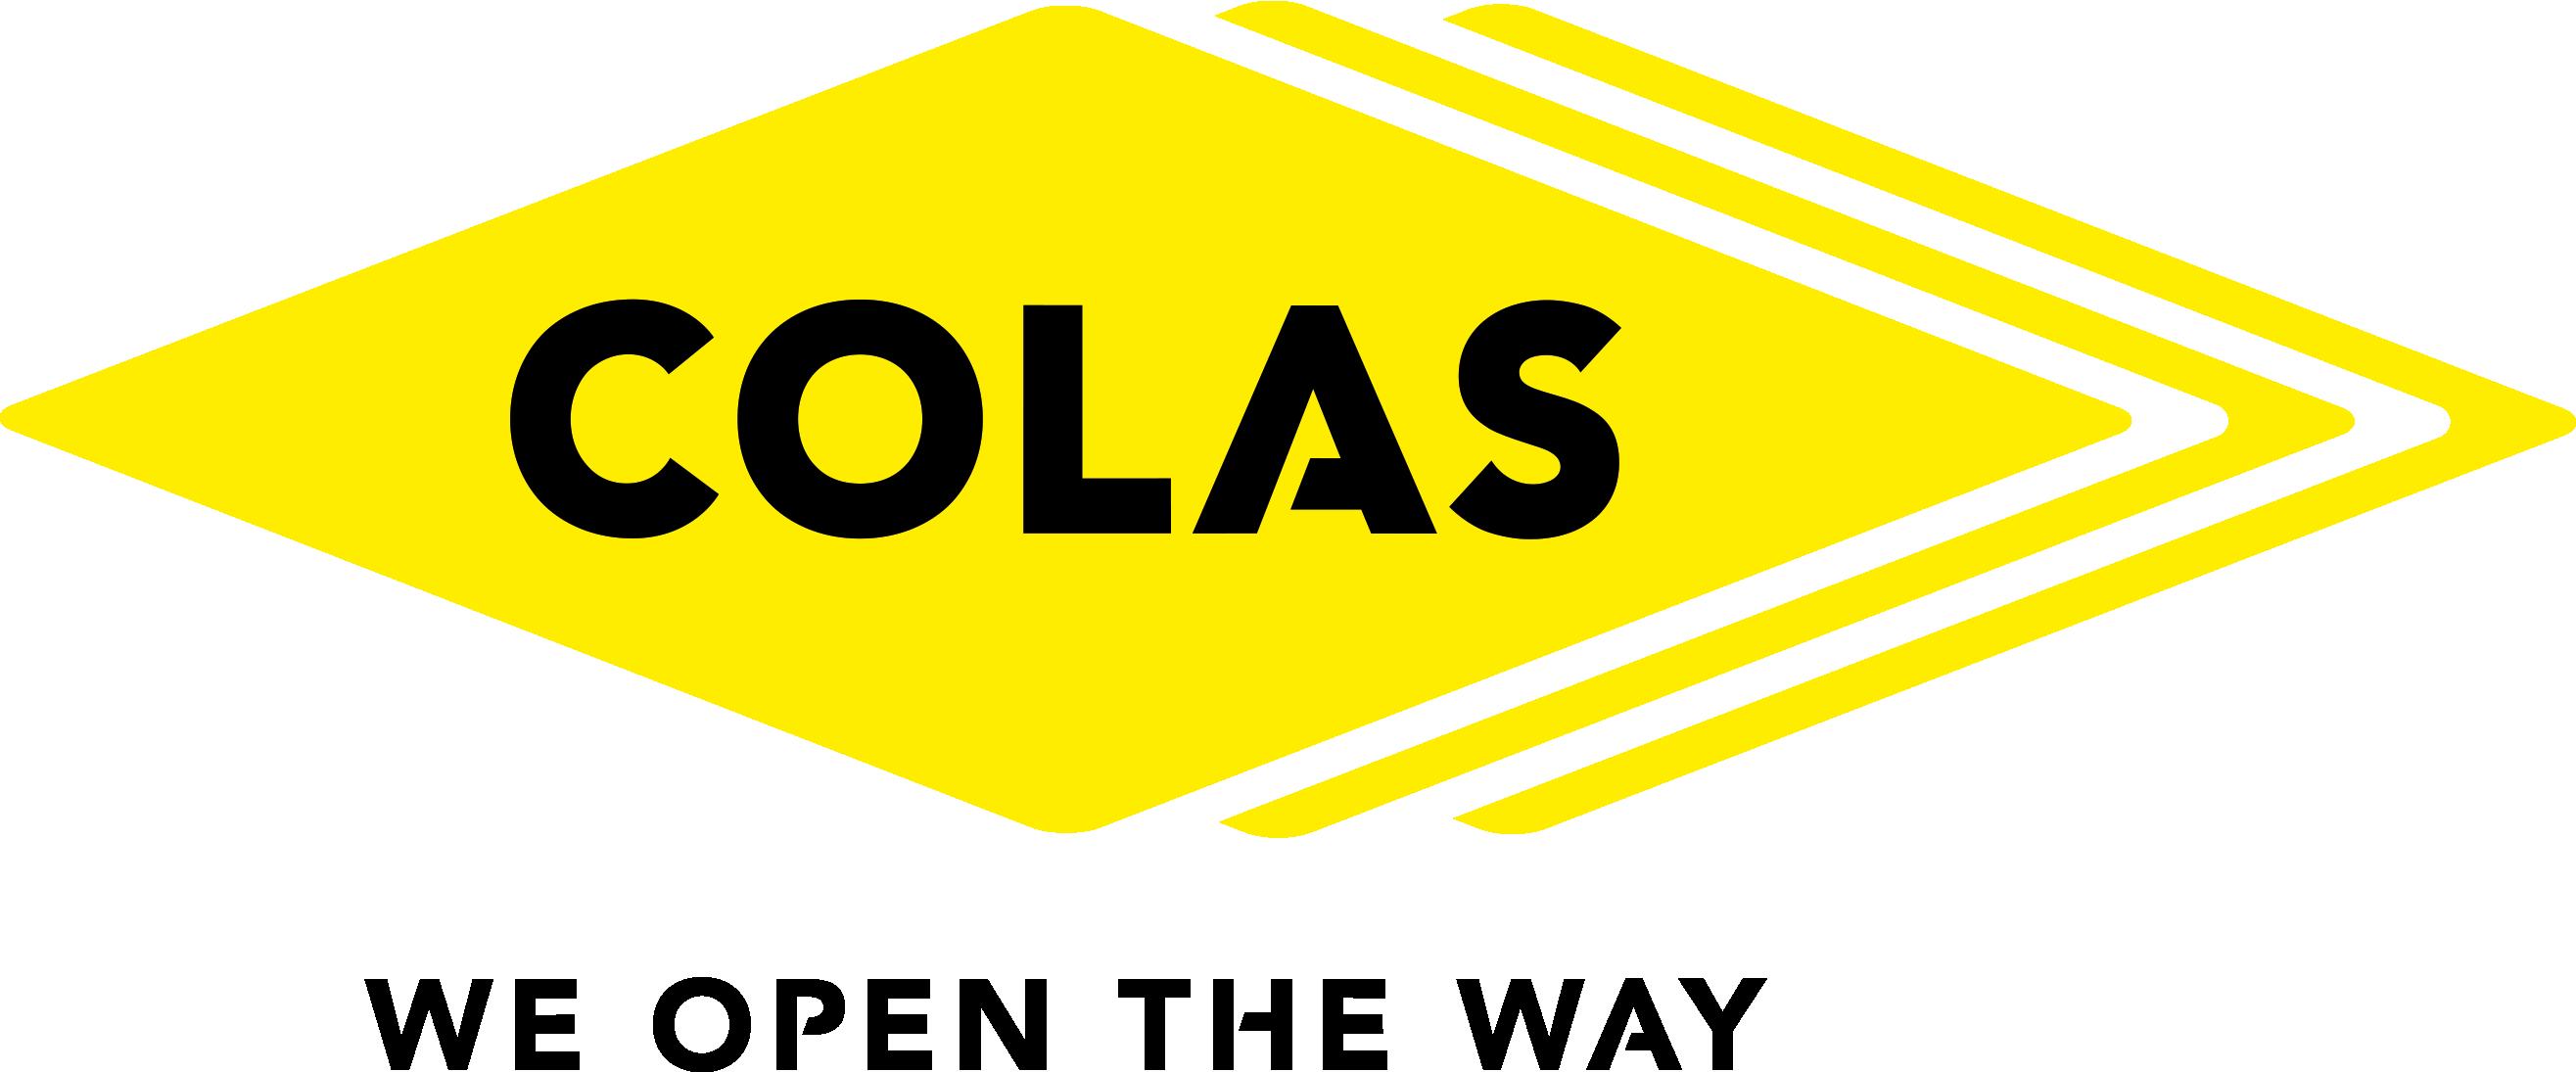 Colas_logo_vector